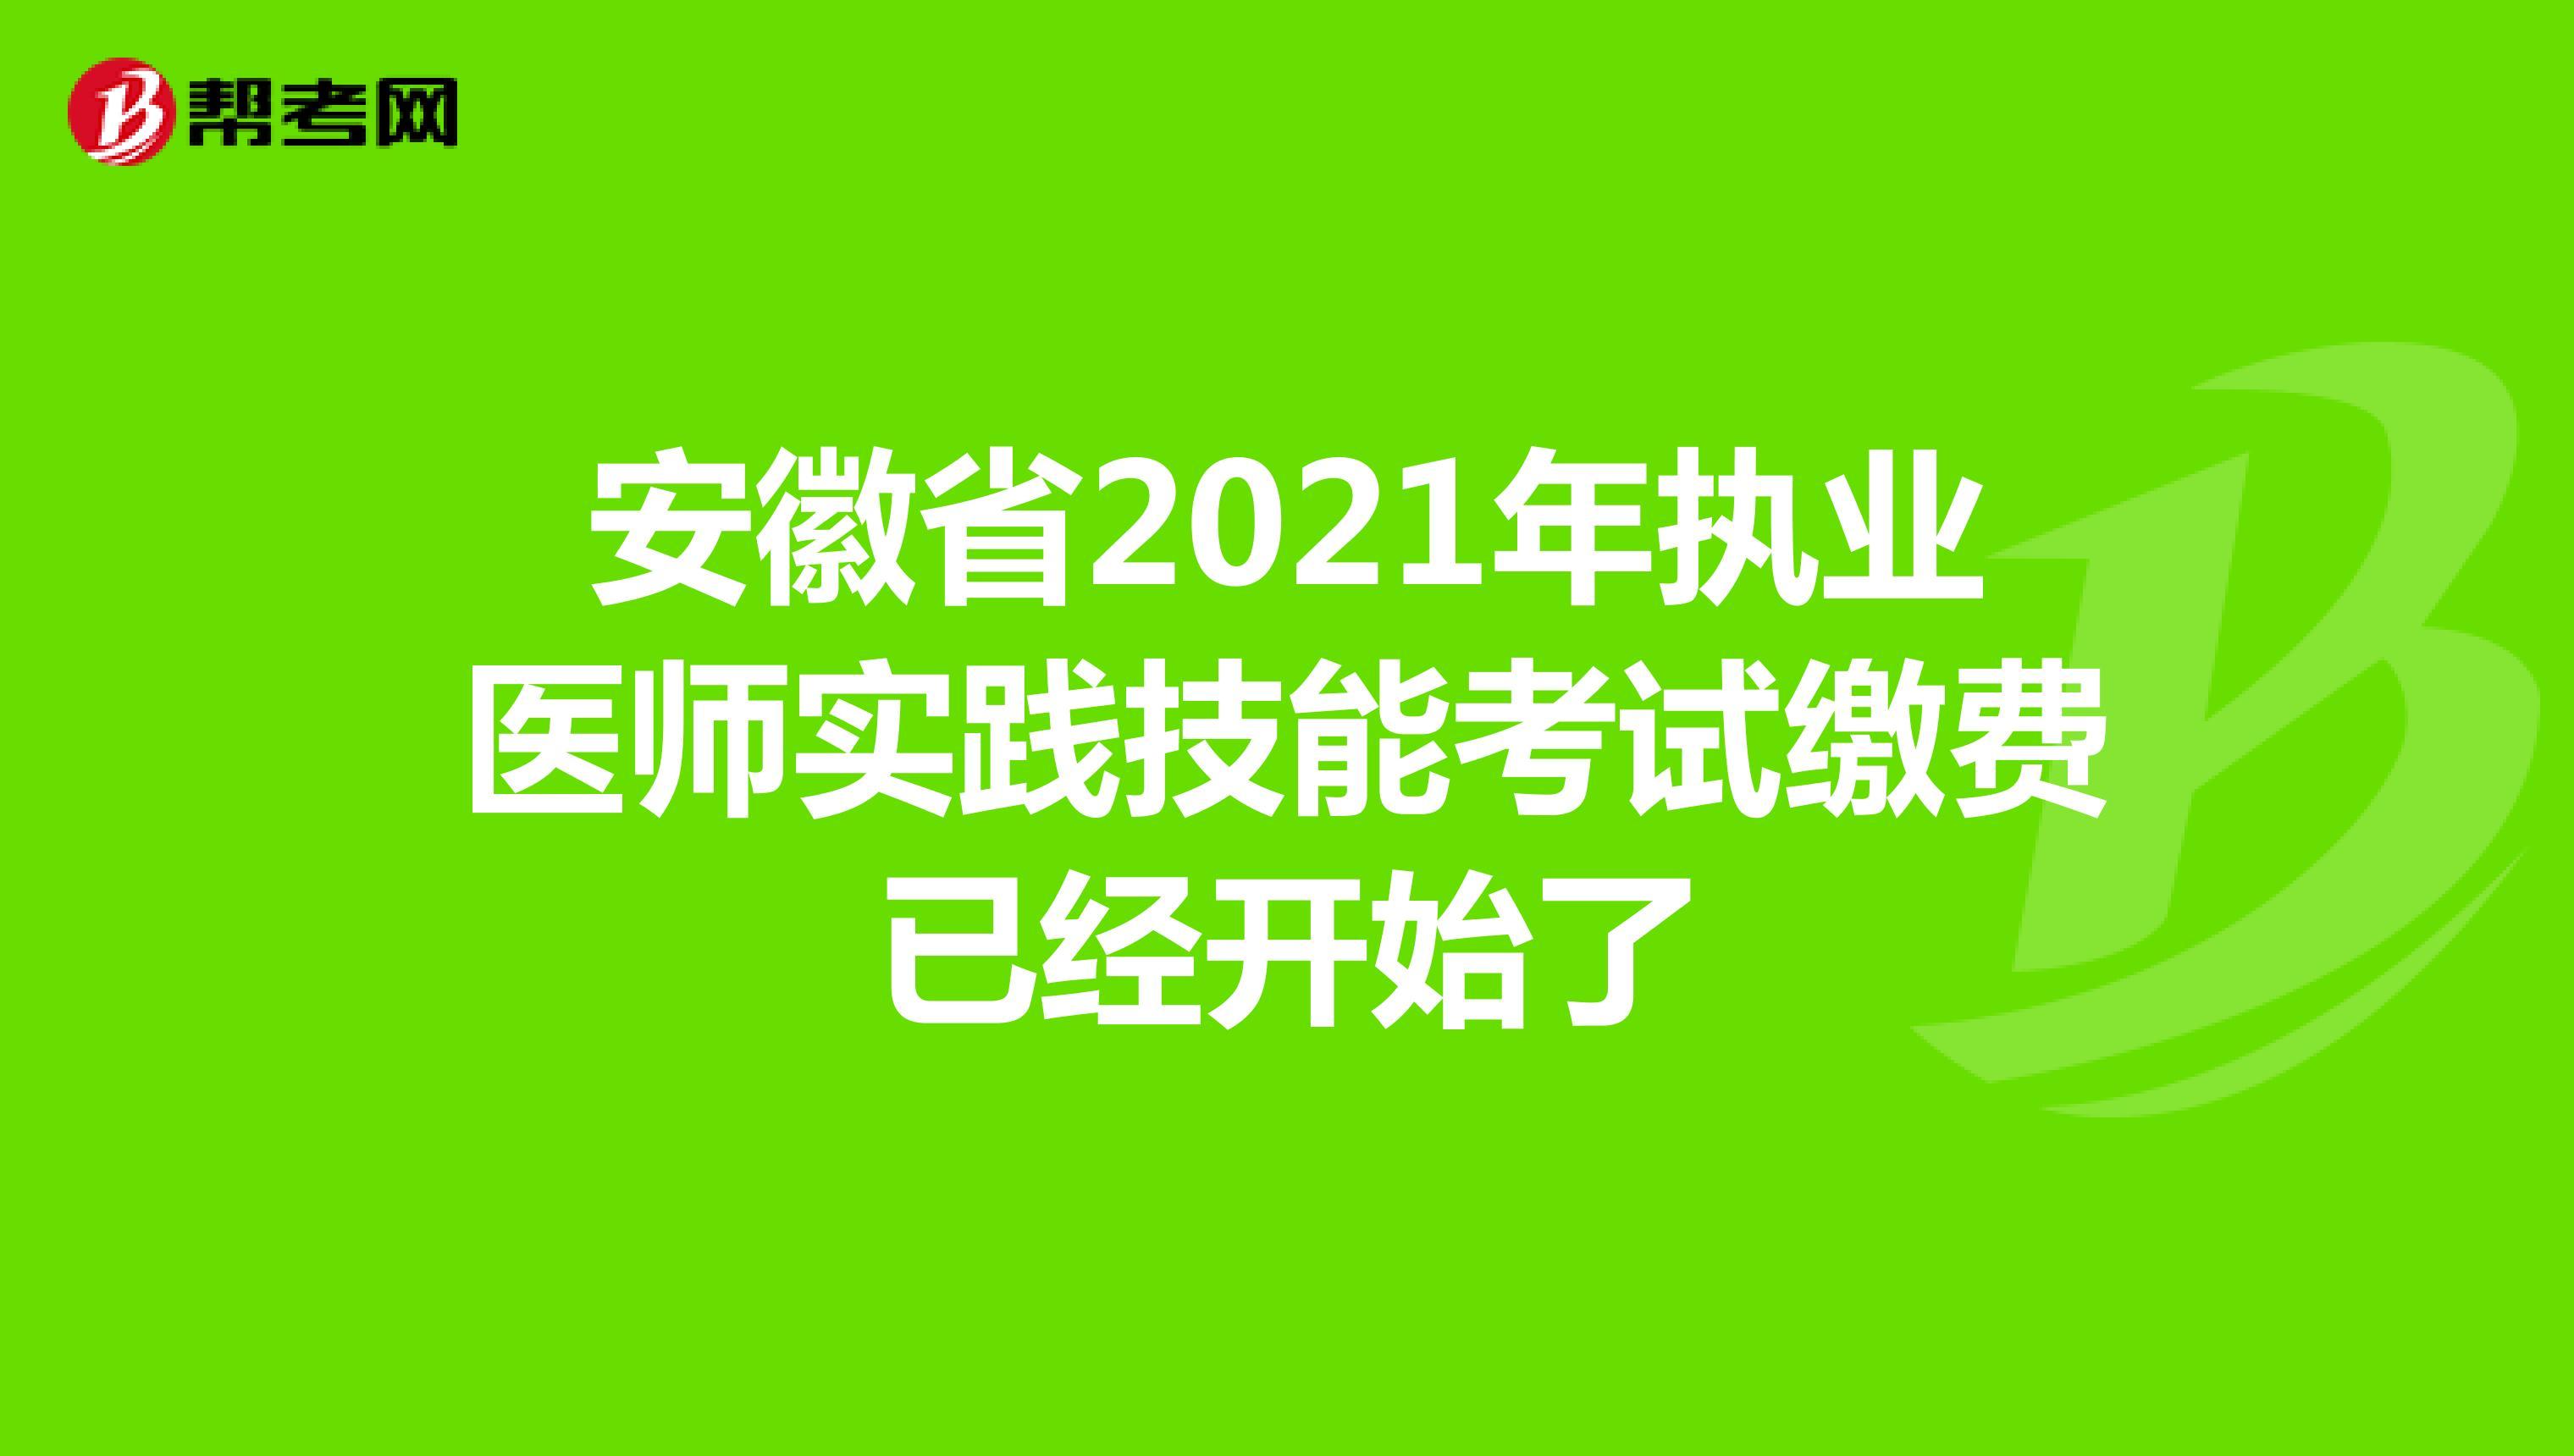 安徽省2021年執業醫師實踐技能考試繳費已經開始了